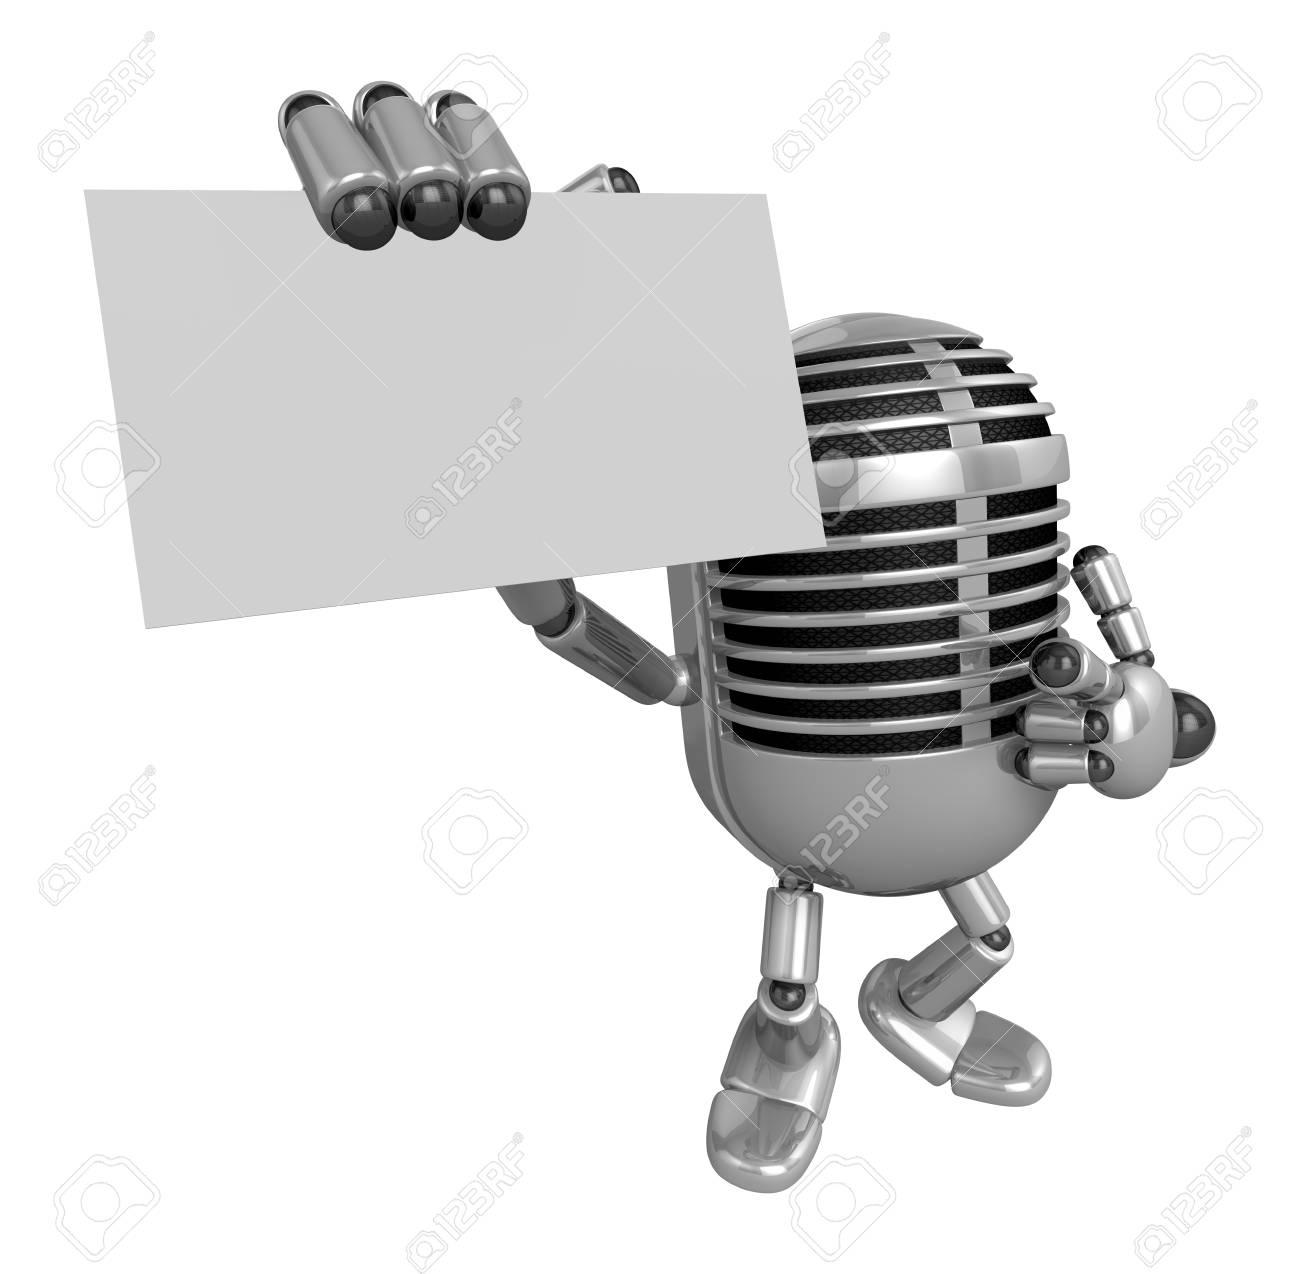 3D Classic Microphone Mascot Les Guides A Droite Et La Main Gauche Contient Des Cartes De